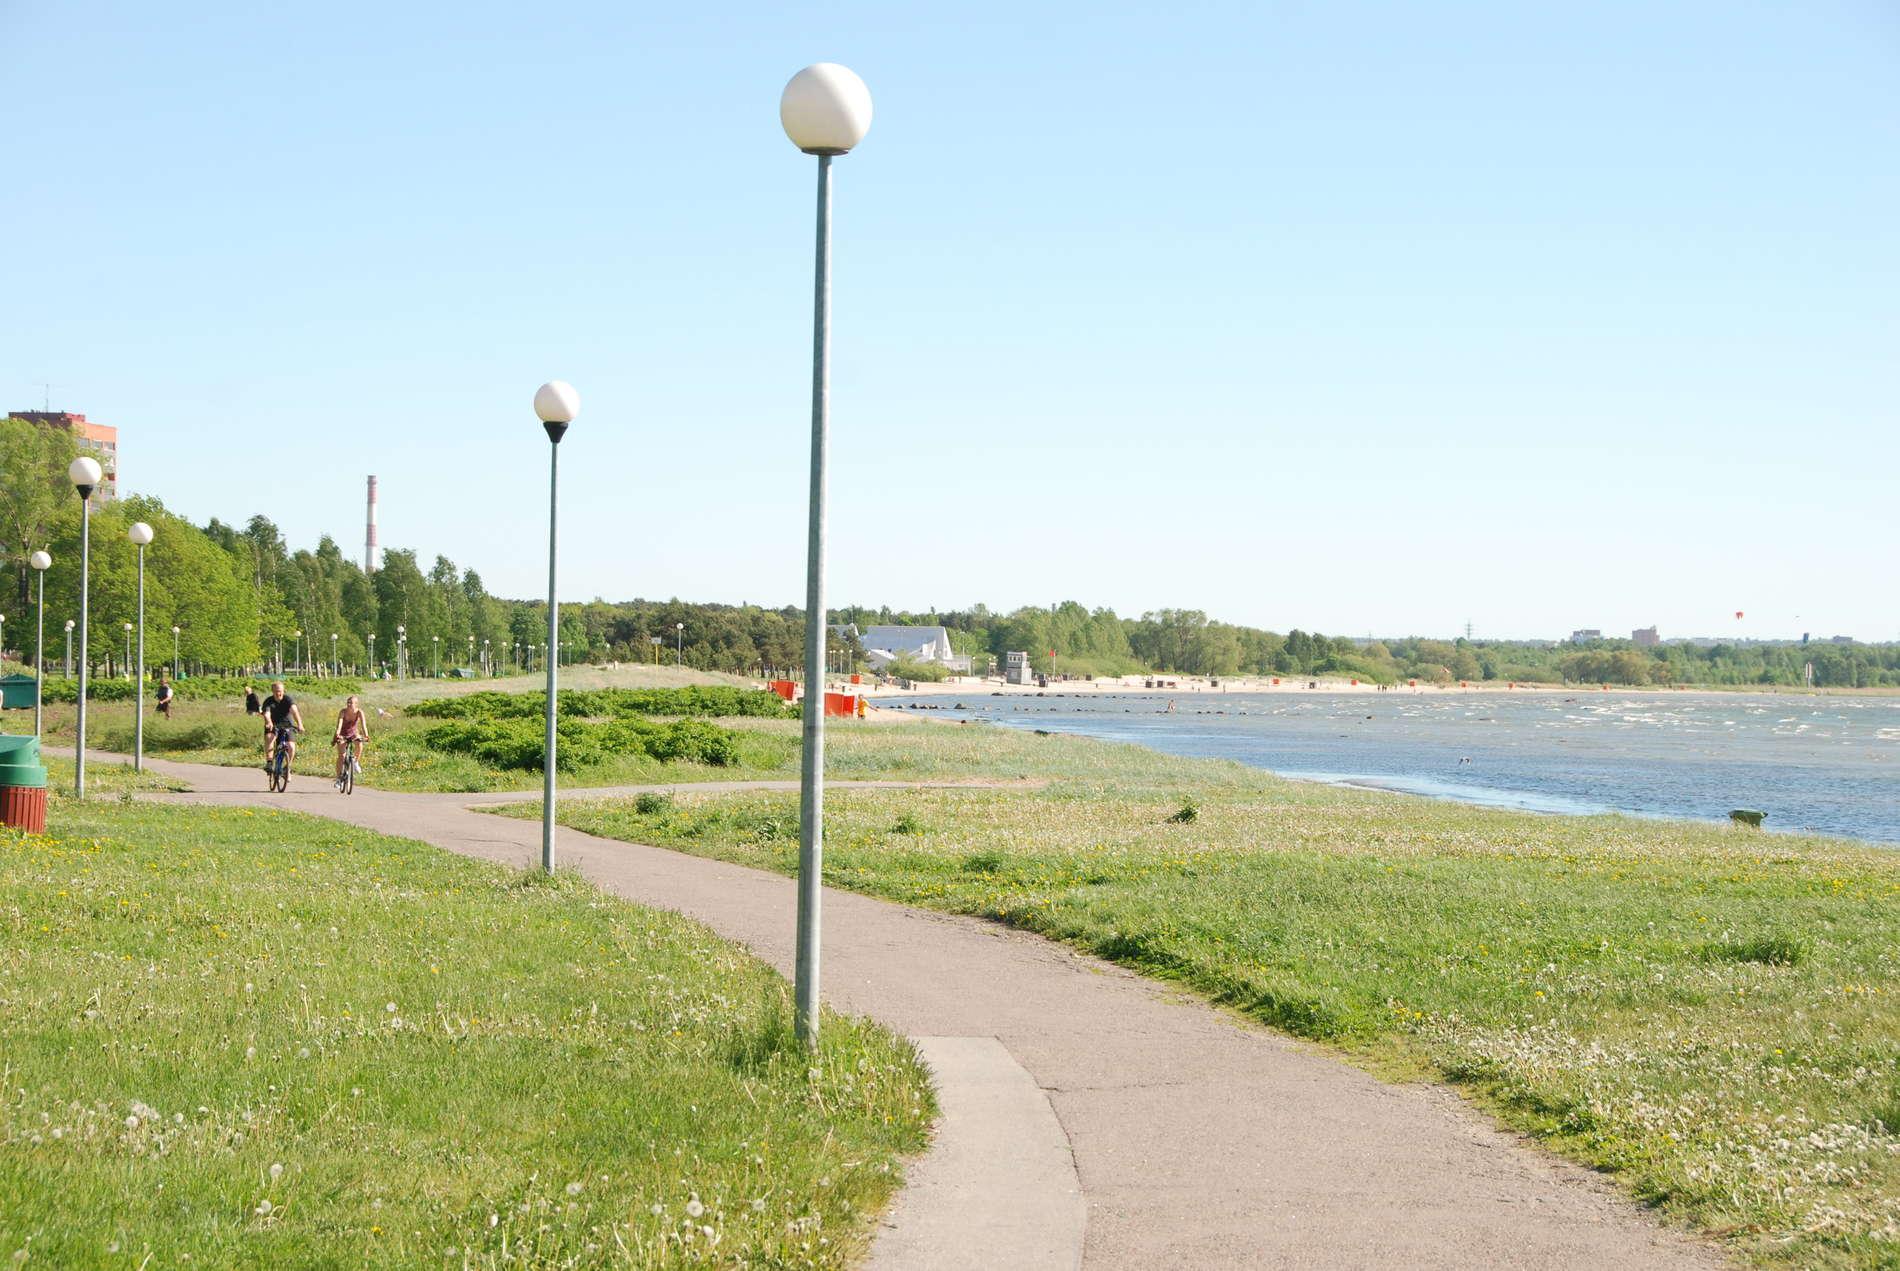 Stroomi beach park